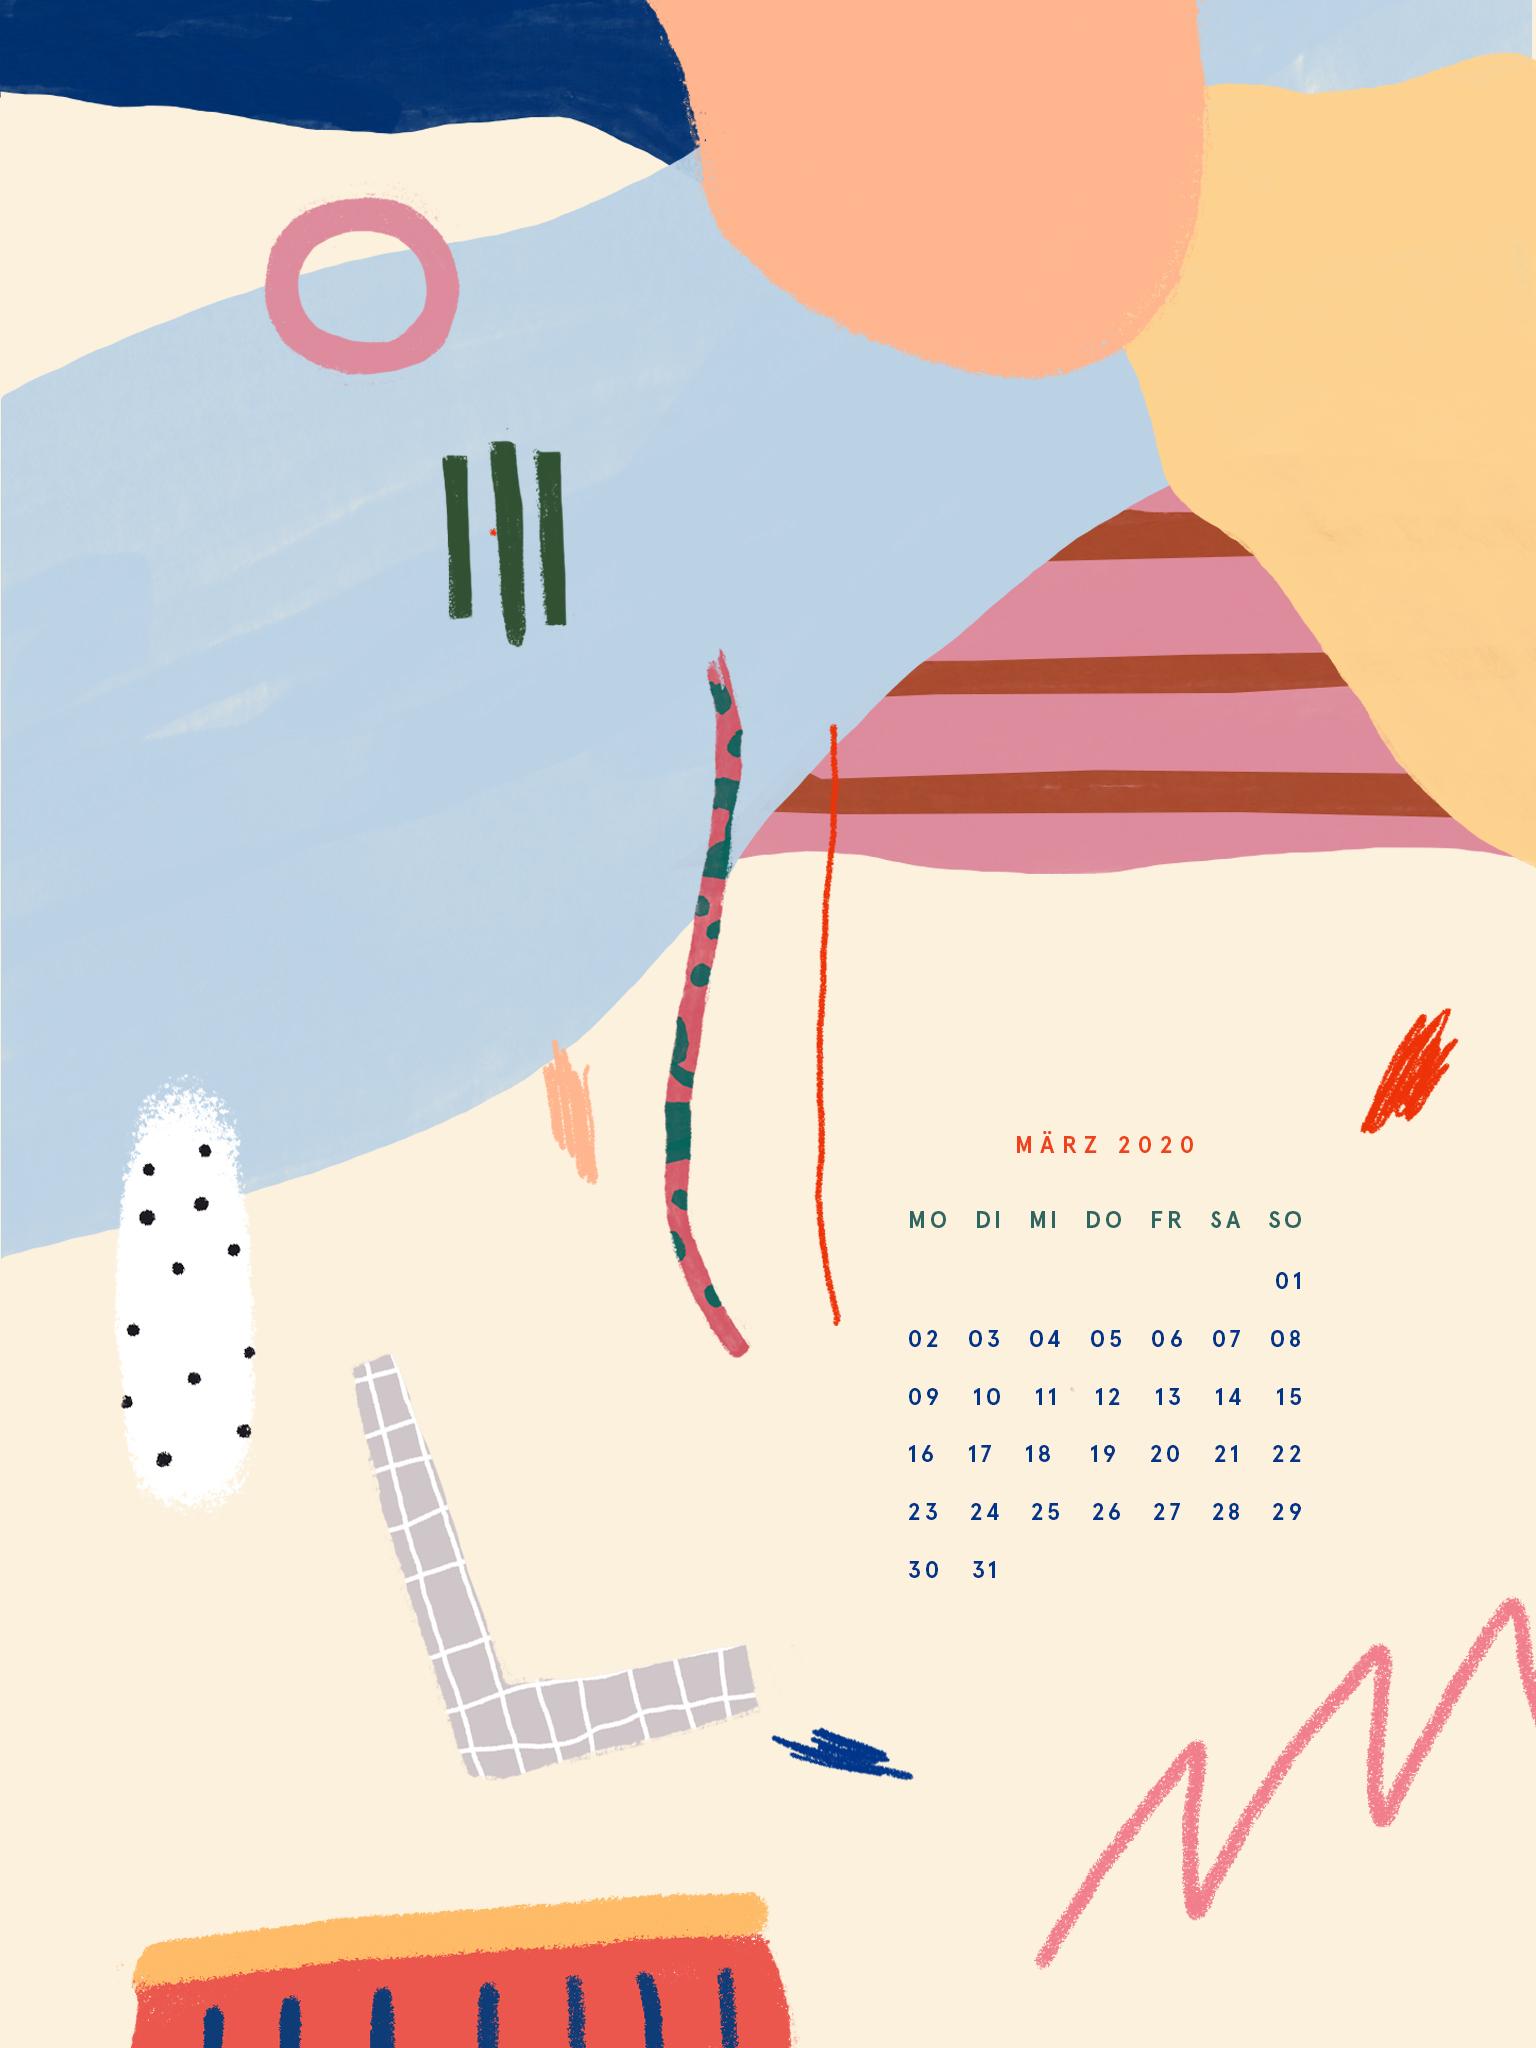 Free Desktop Wallpaper März 2020